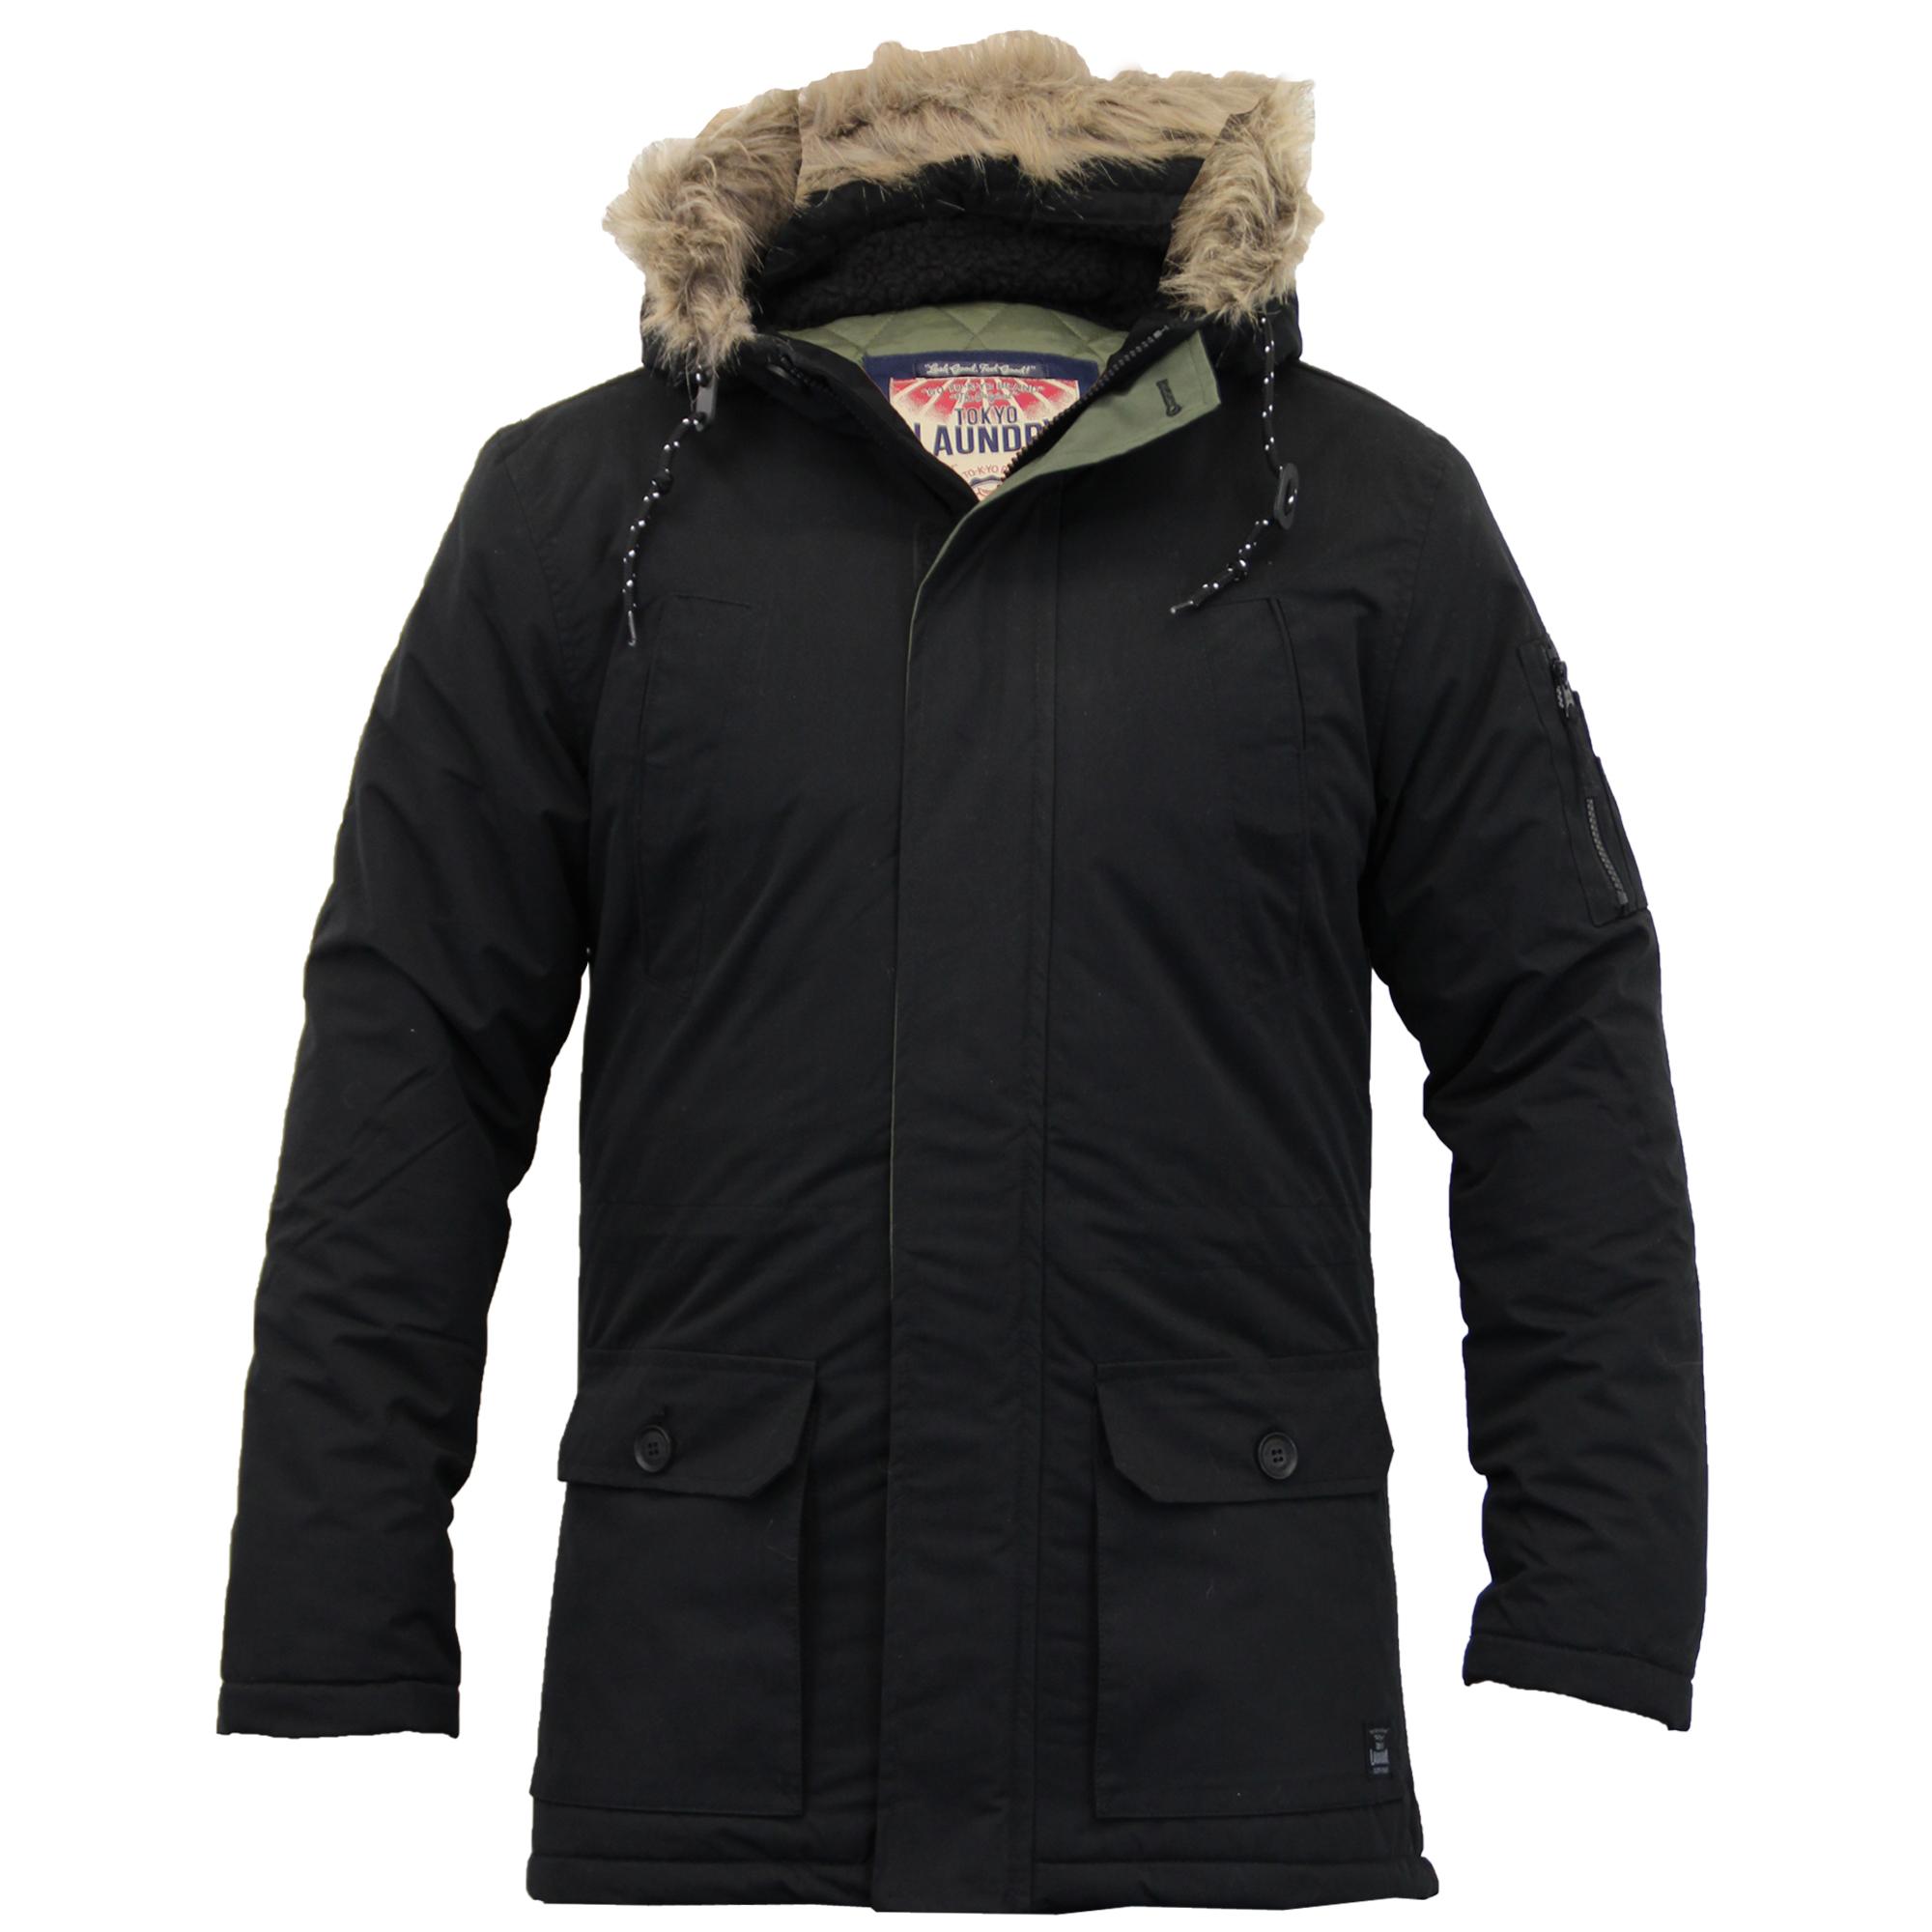 Mens Jacket Tokyo Laundry Parka Coat Hooded Sherpa Lined Heavy ...